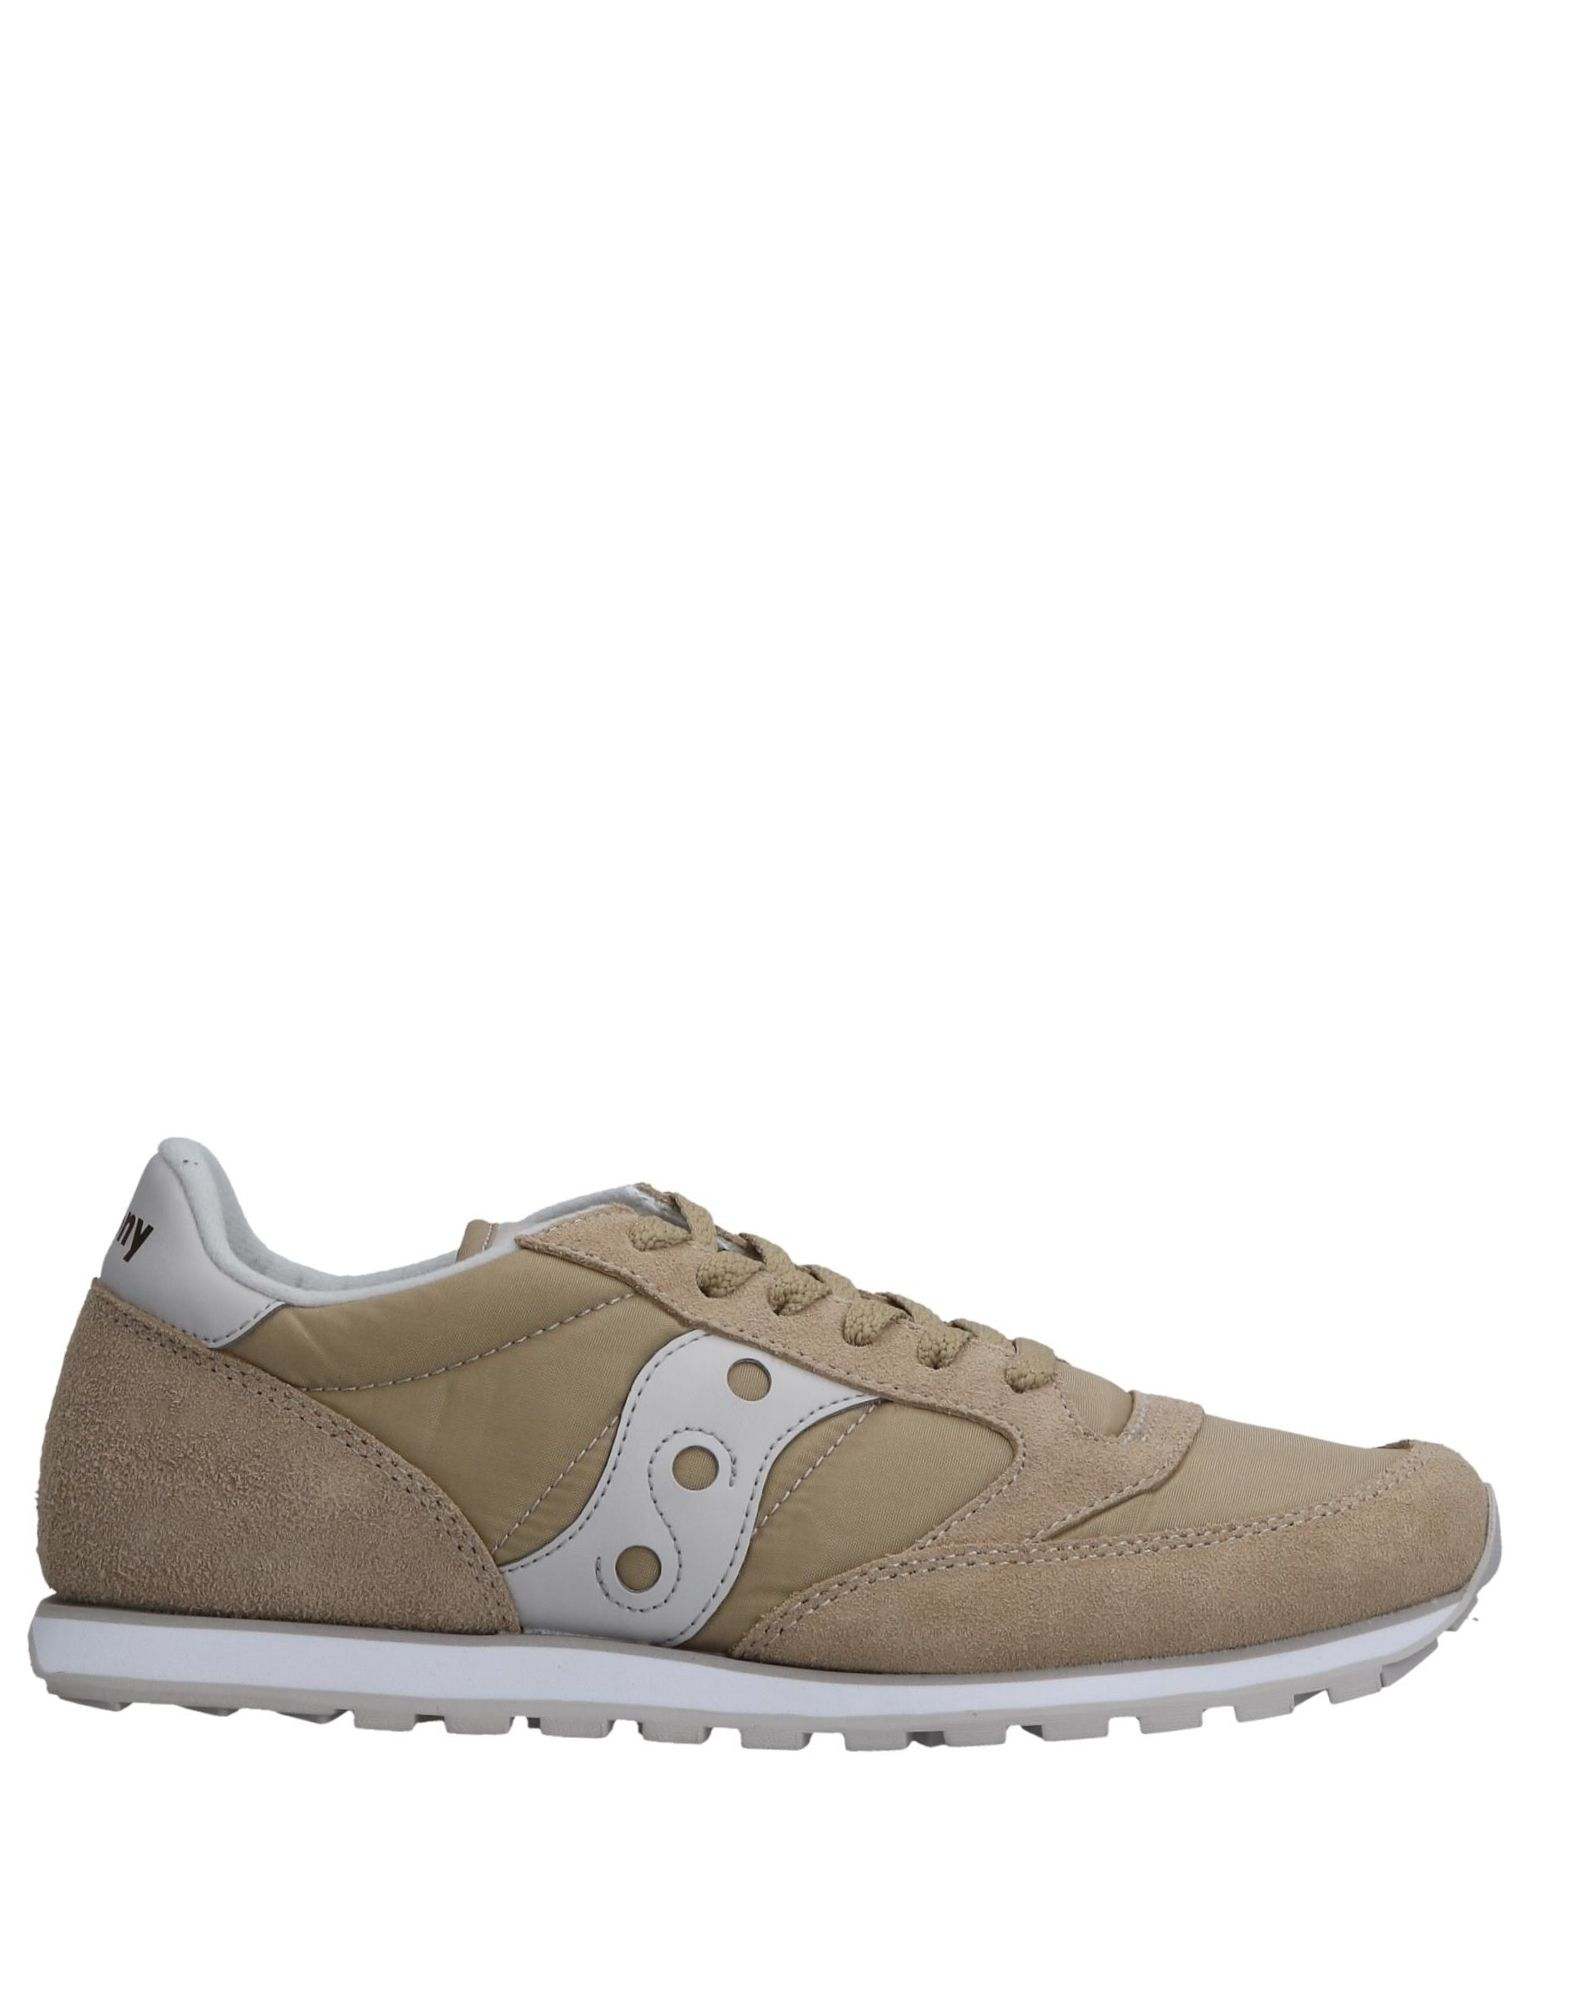 Rabatt echte Schuhe Saucony Sneakers Herren  11526174XV